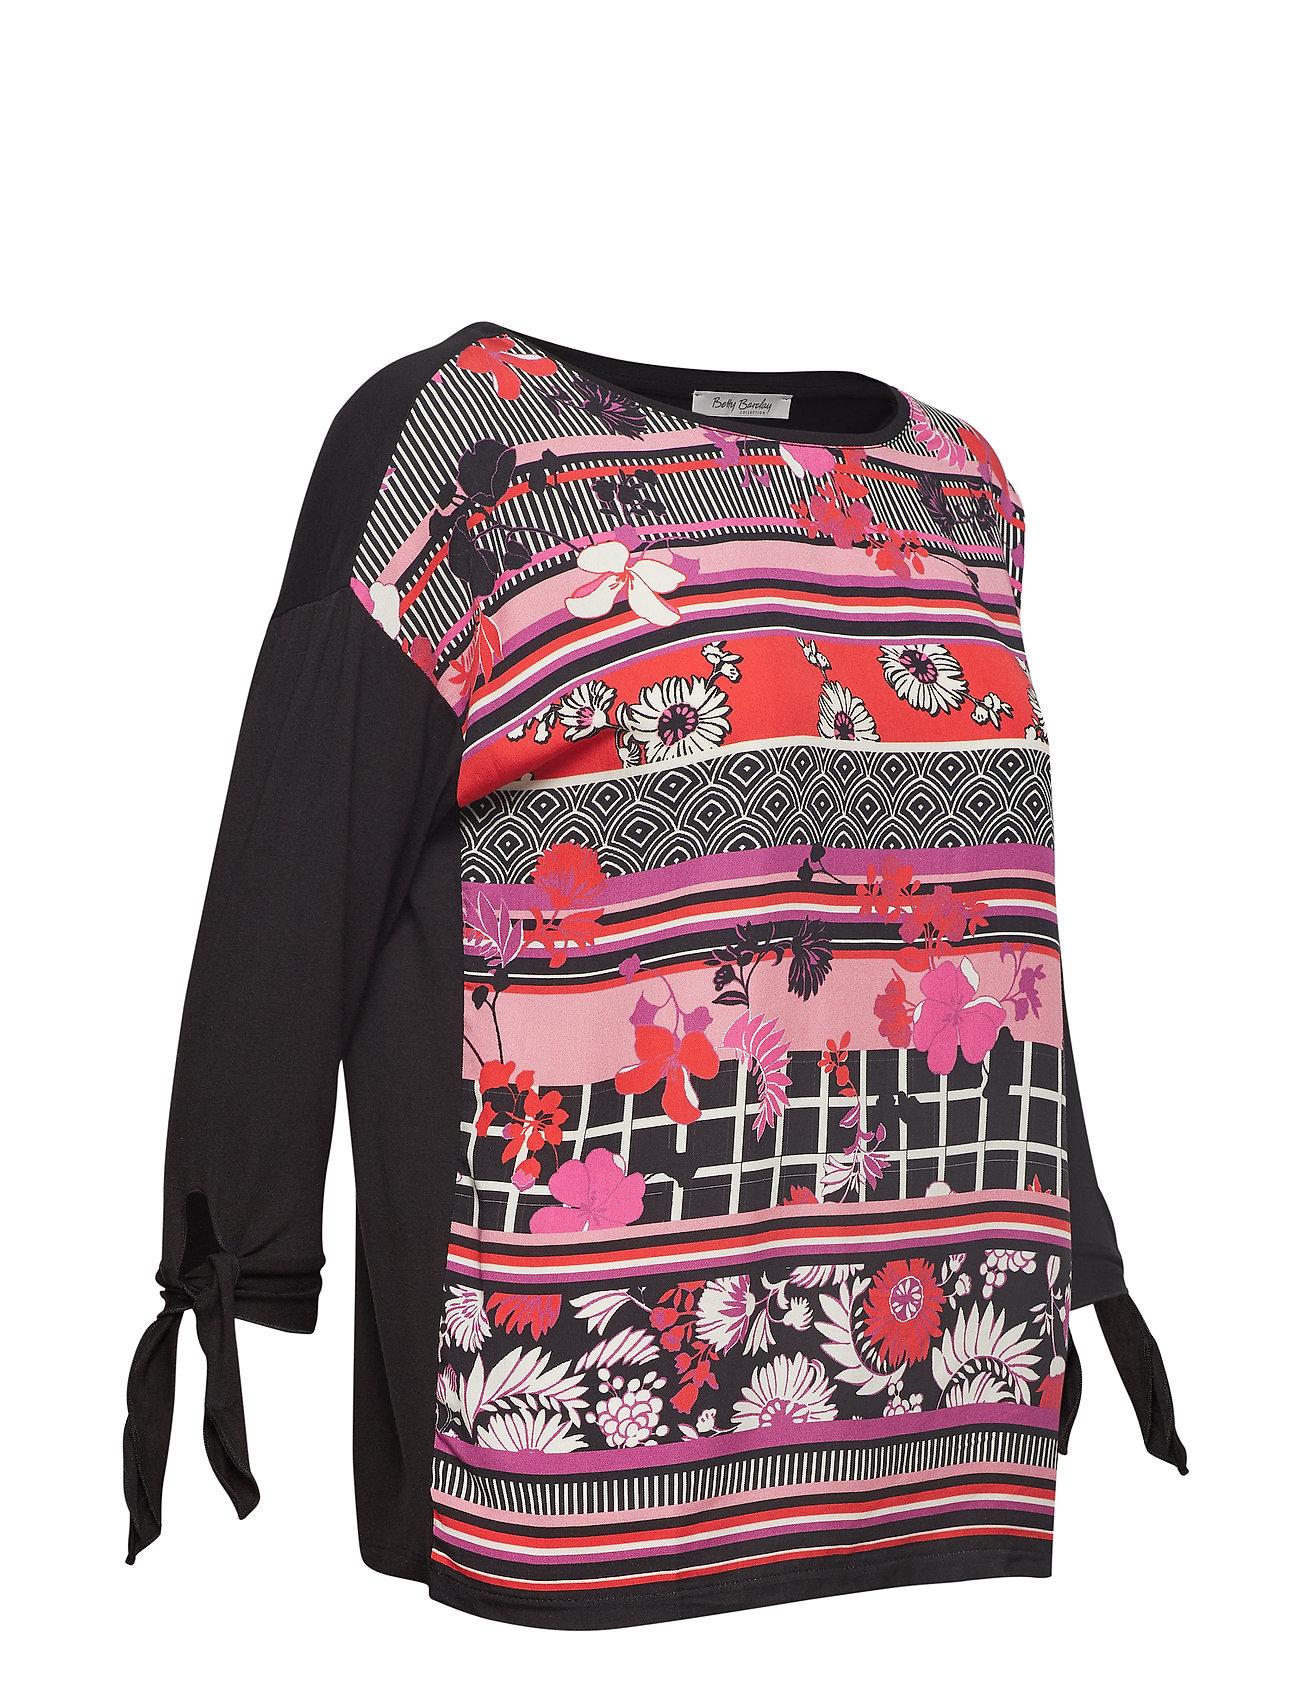 Shirt (Black/pink) (279.60 kr) - Betty Barclay